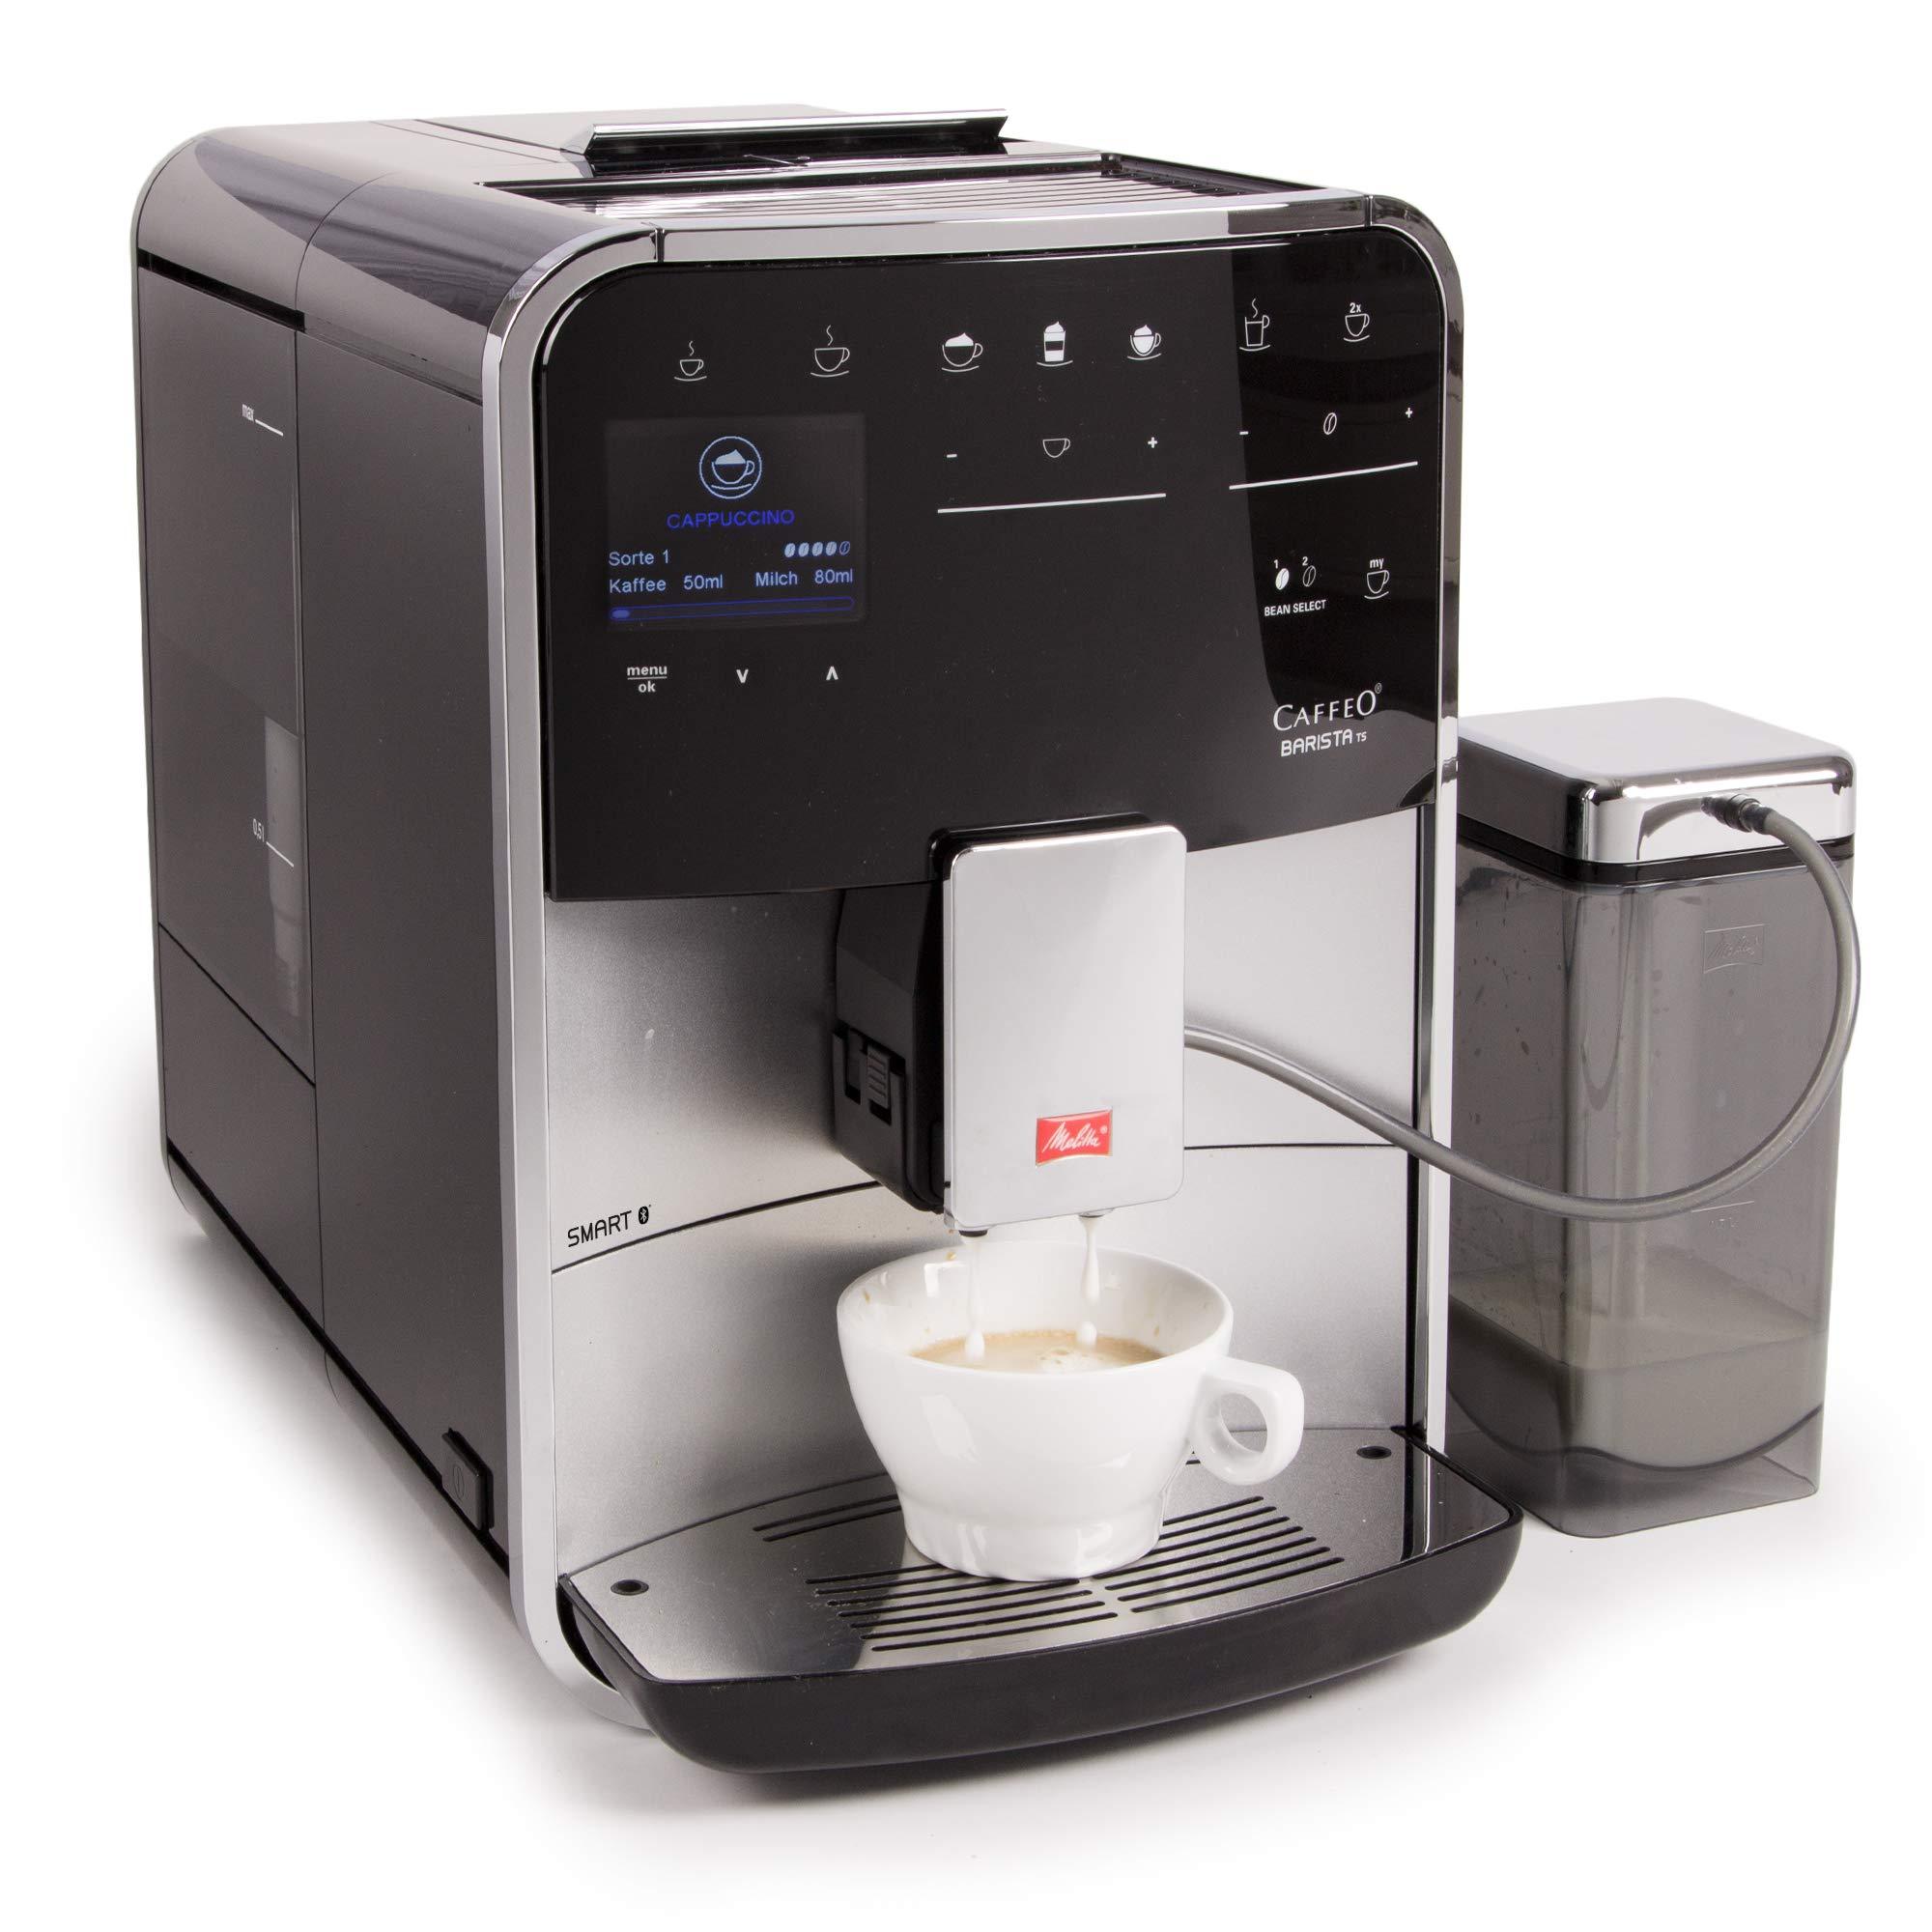 Melitta Barista TS Smart F850-101, Cafetera Automática con Molinillo Silencioso, Bluetooth, Pantalla Táctil, Personalizable, 21 Recetas, Plata: Amazon.es: Hogar